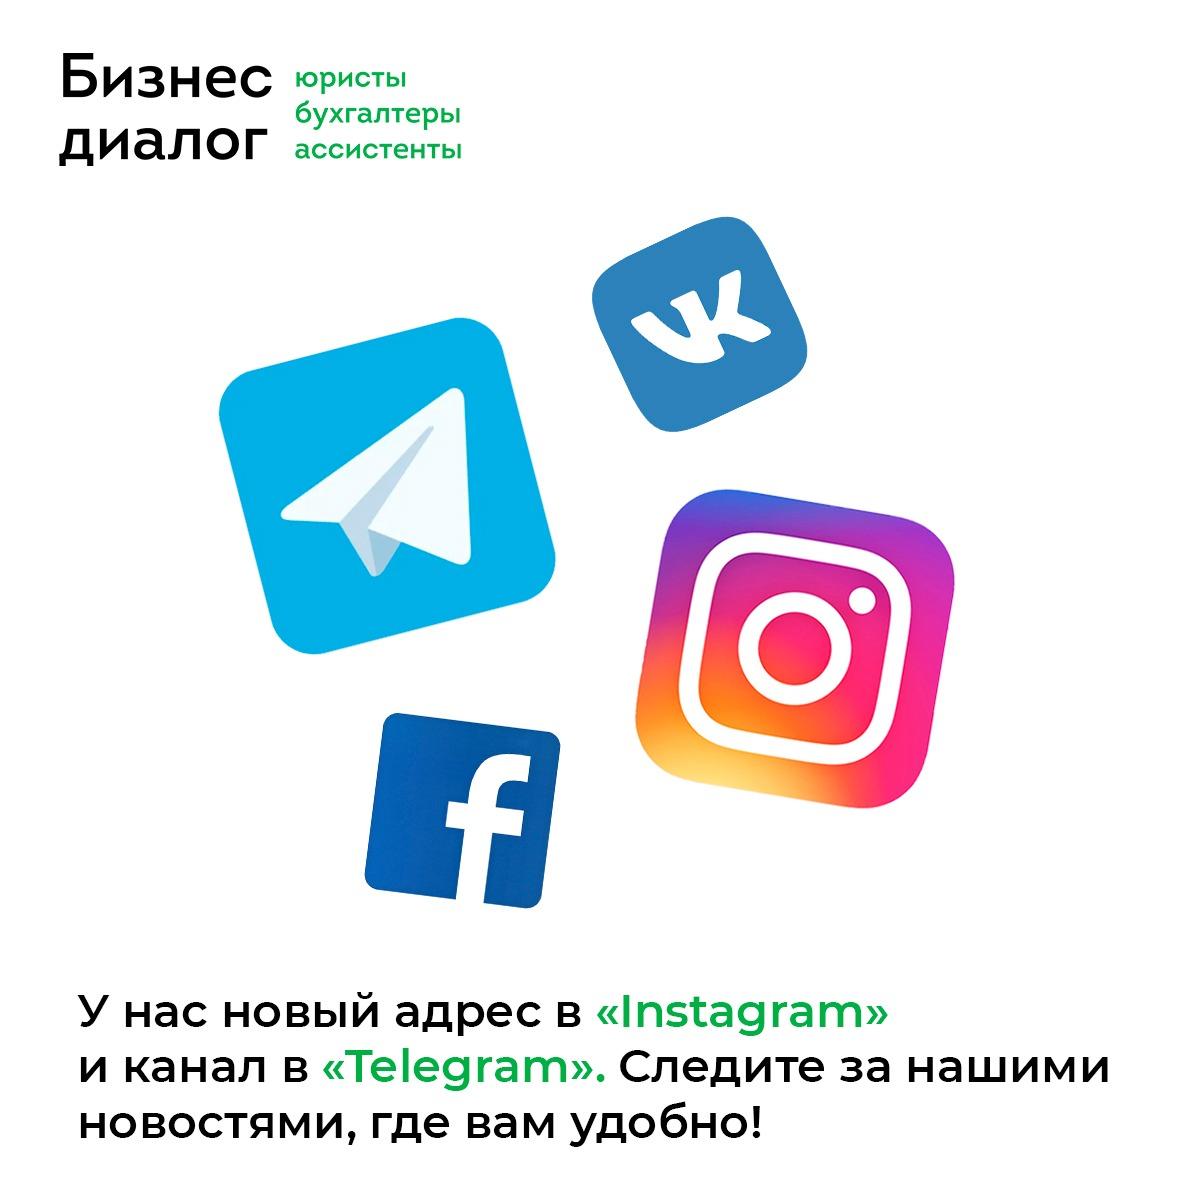 У нас новый адрес в «Instagram» и канал в «Telegram». Следите за нашими новостями, где вам удобно!